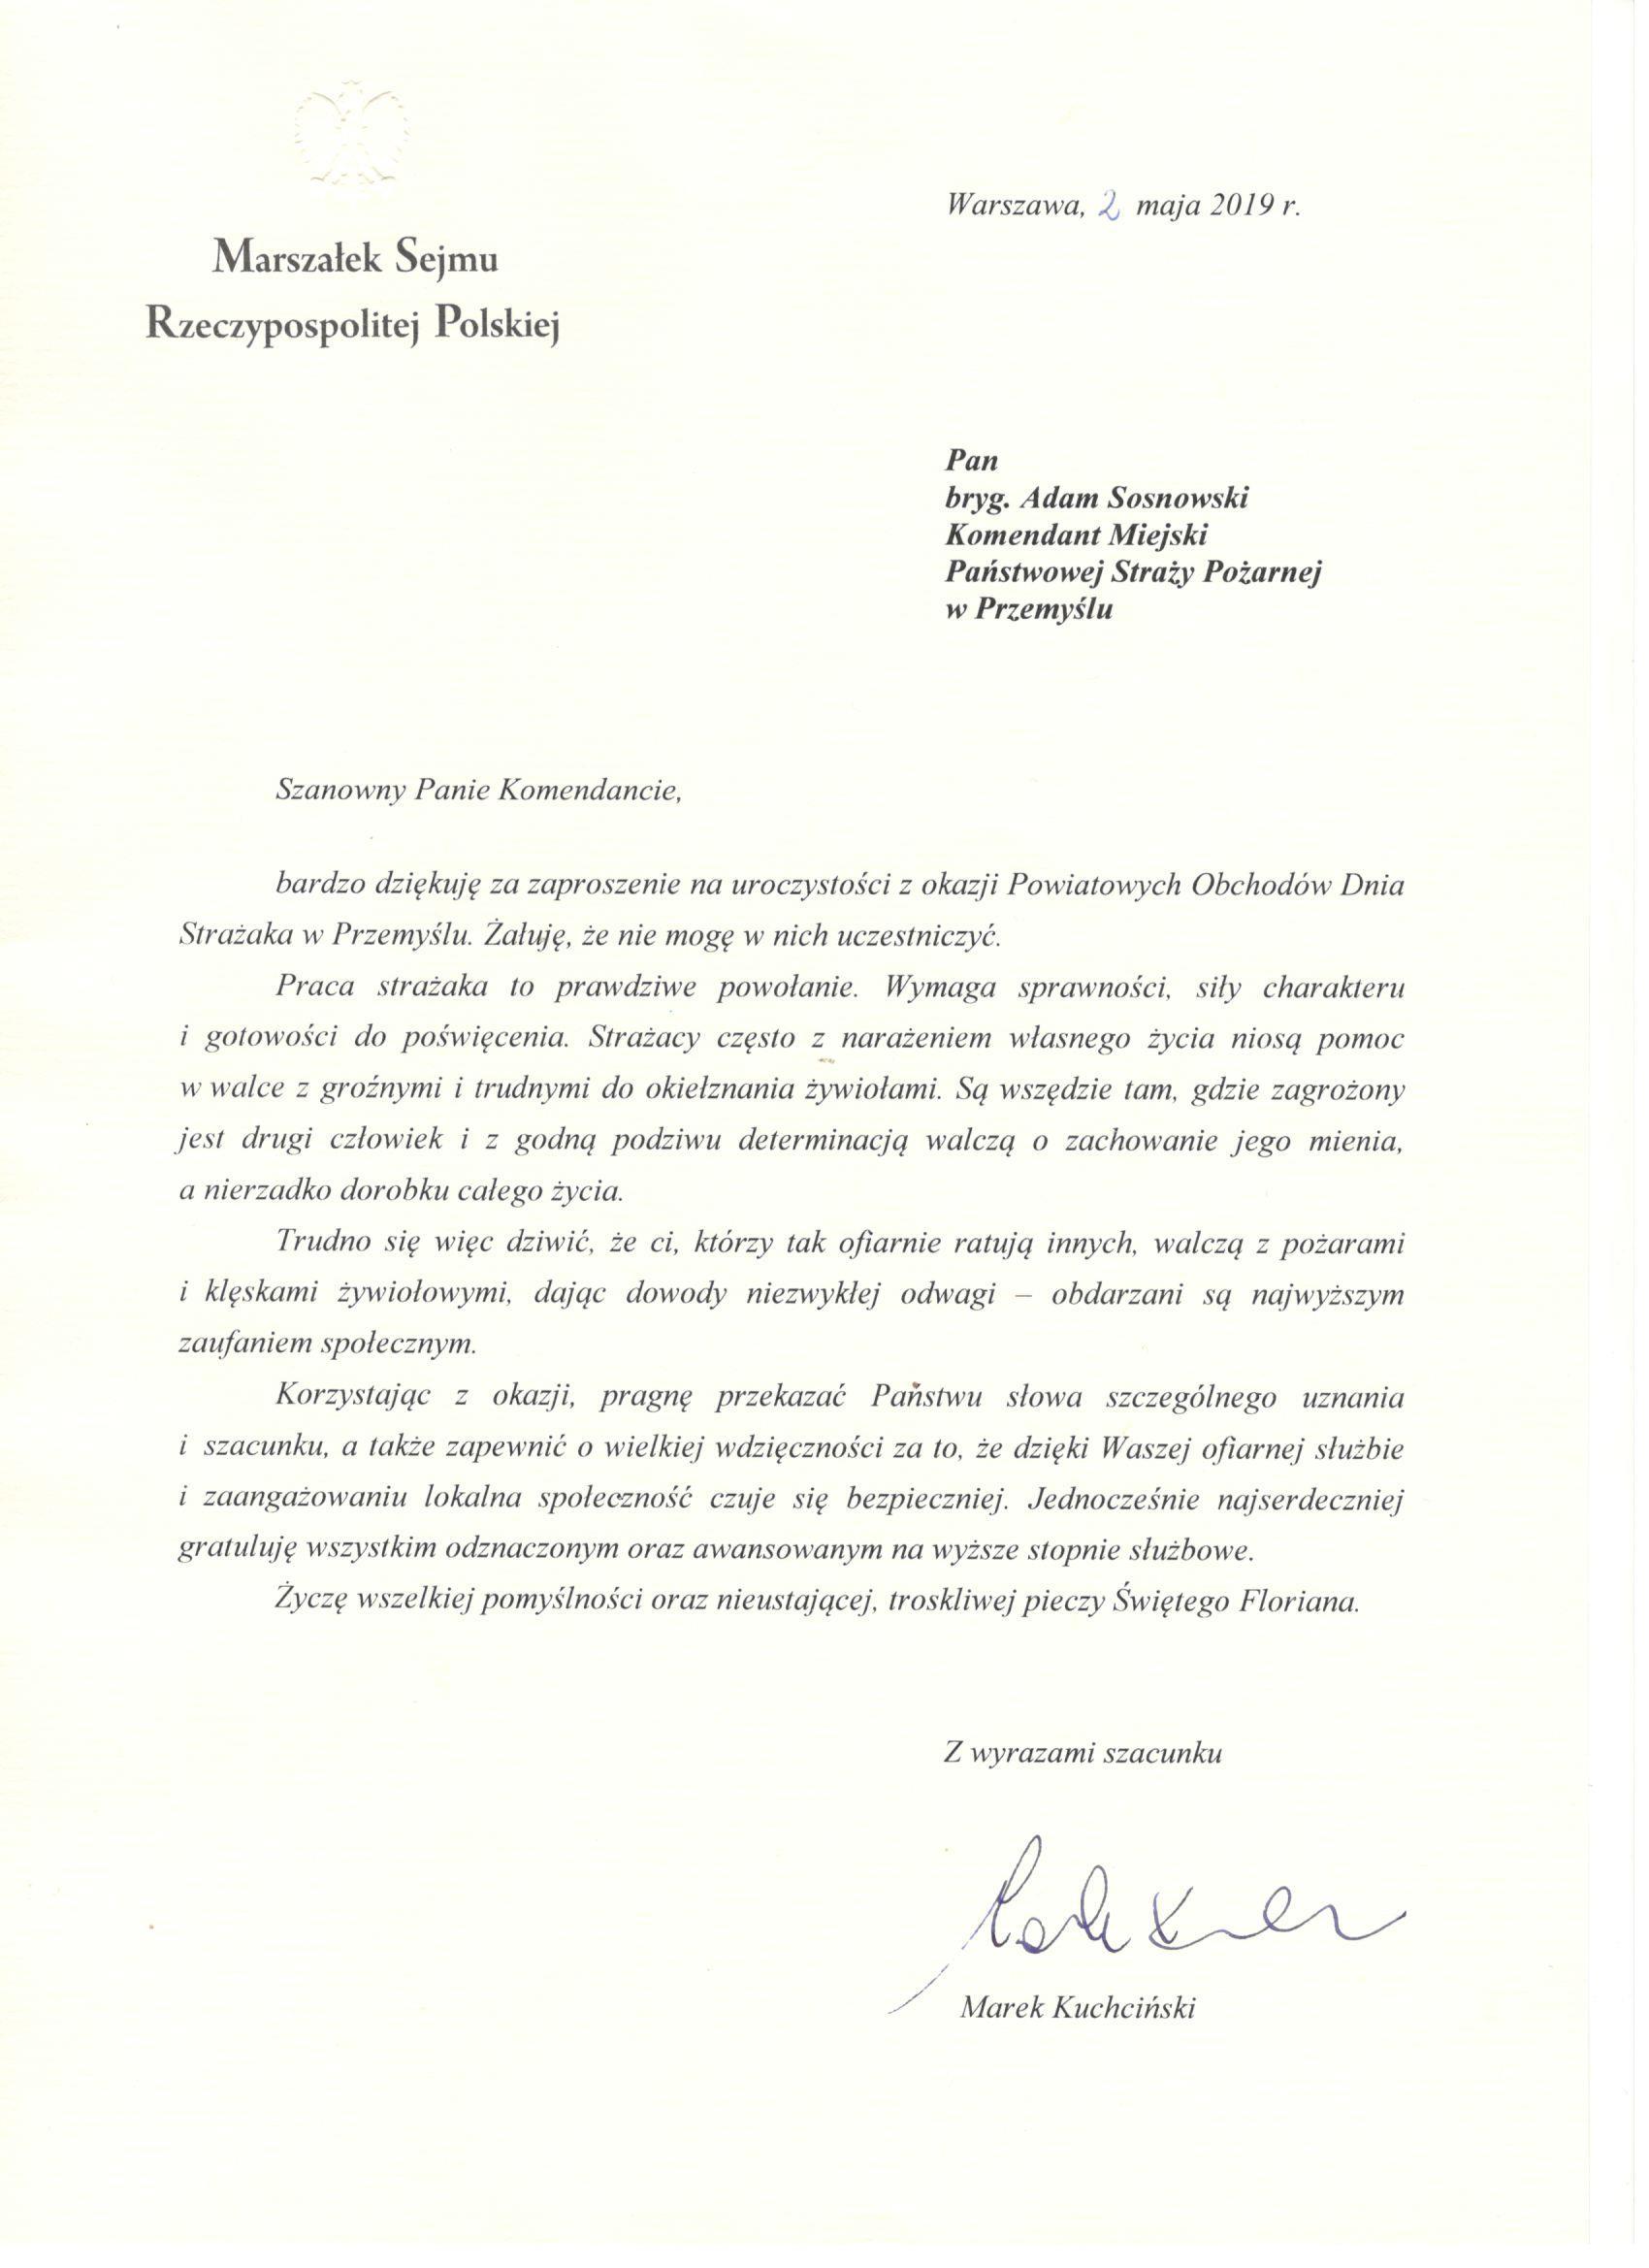 życzenia-Marszałek-Sejmu